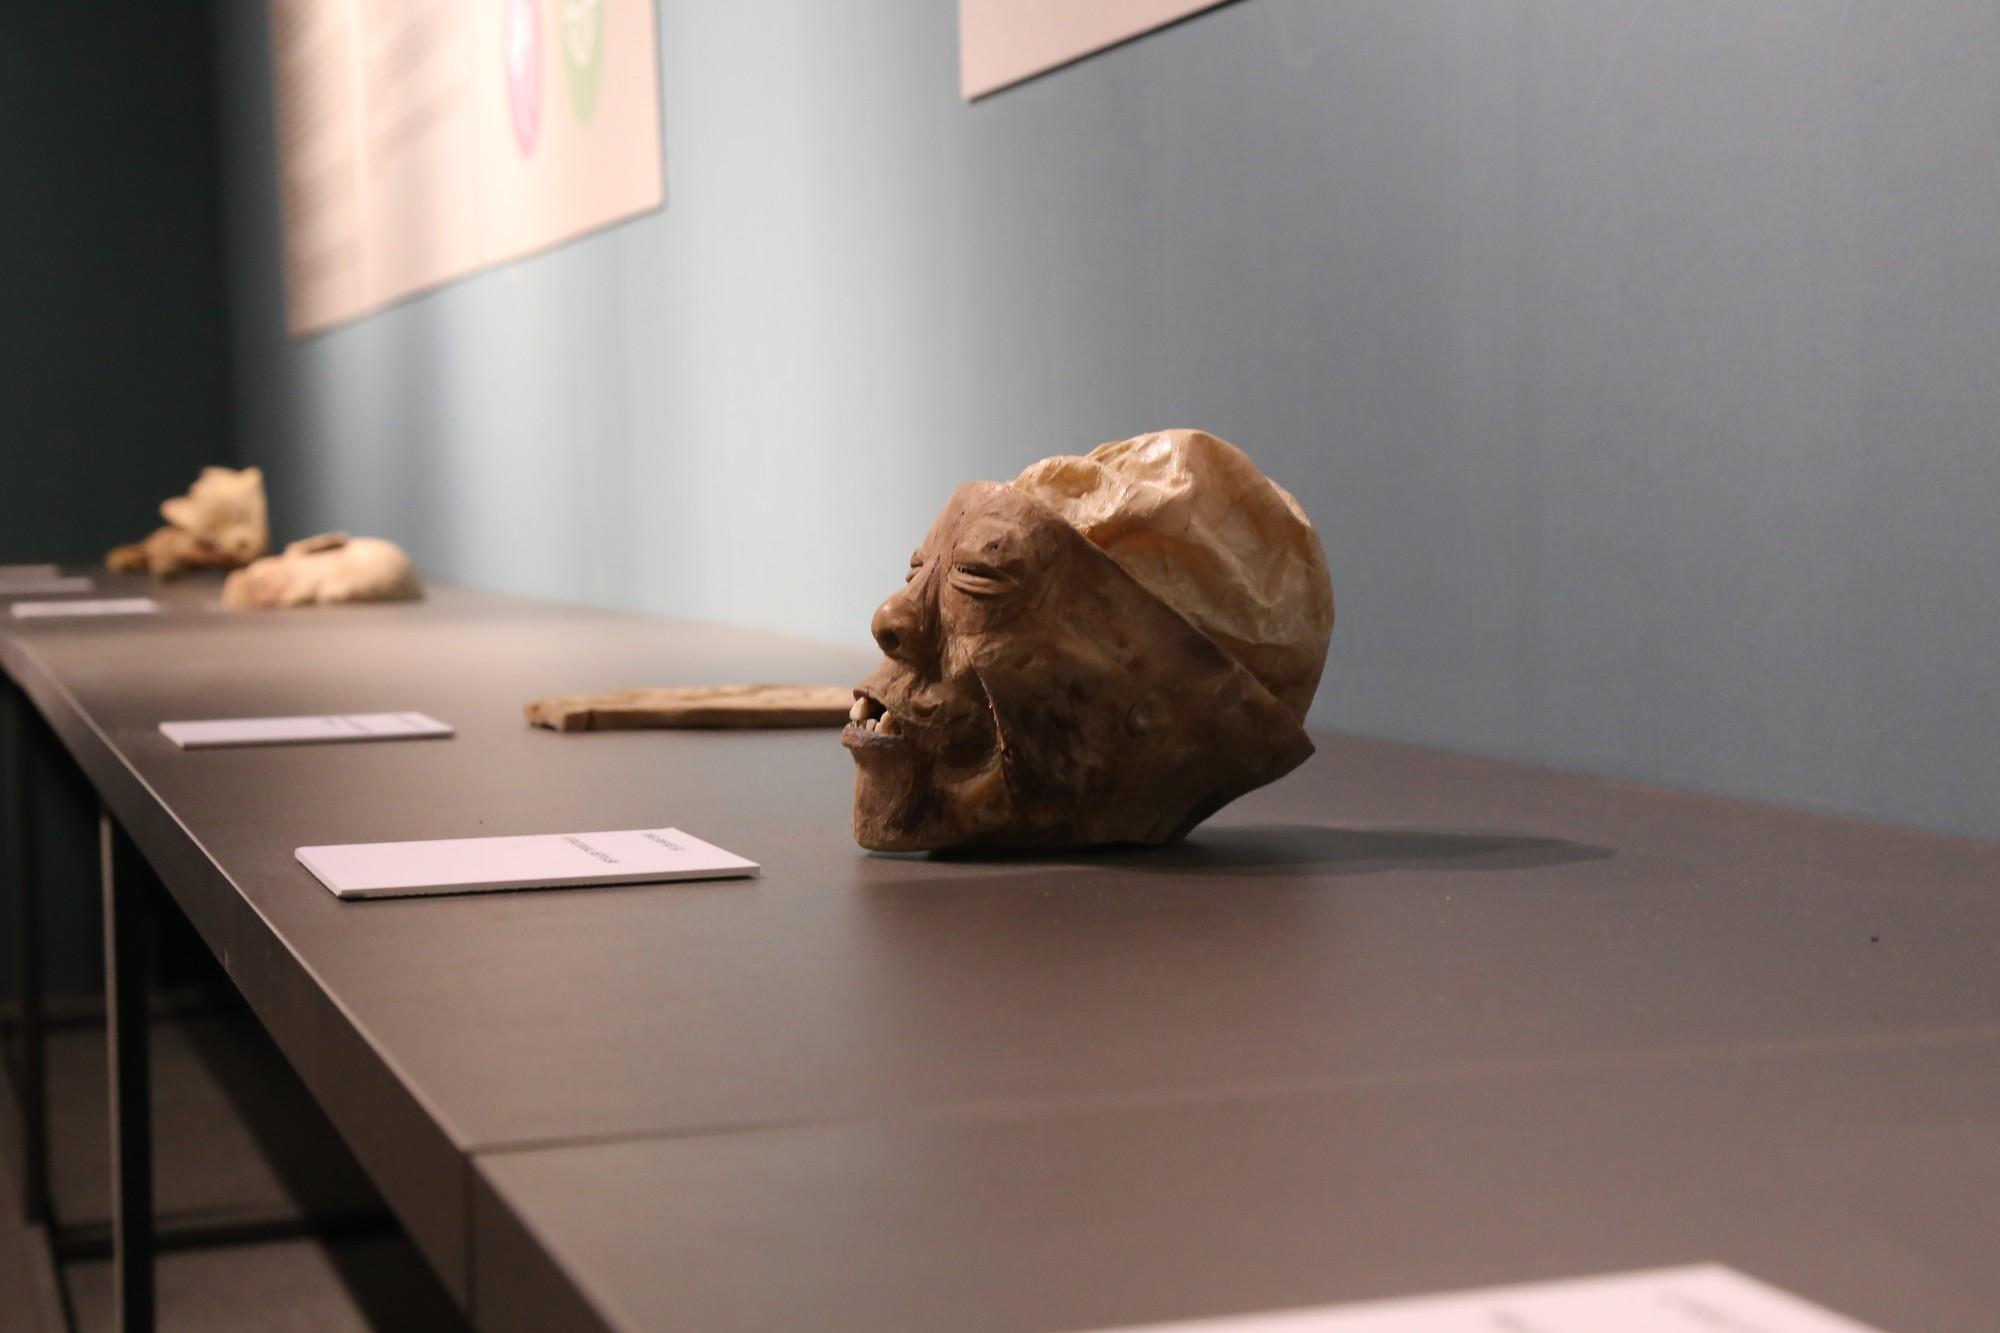 Một đầu người thật bị cắt nửa phần, các bộ phận răng vẫn còn nguyên sau khi được nhựa hoá.